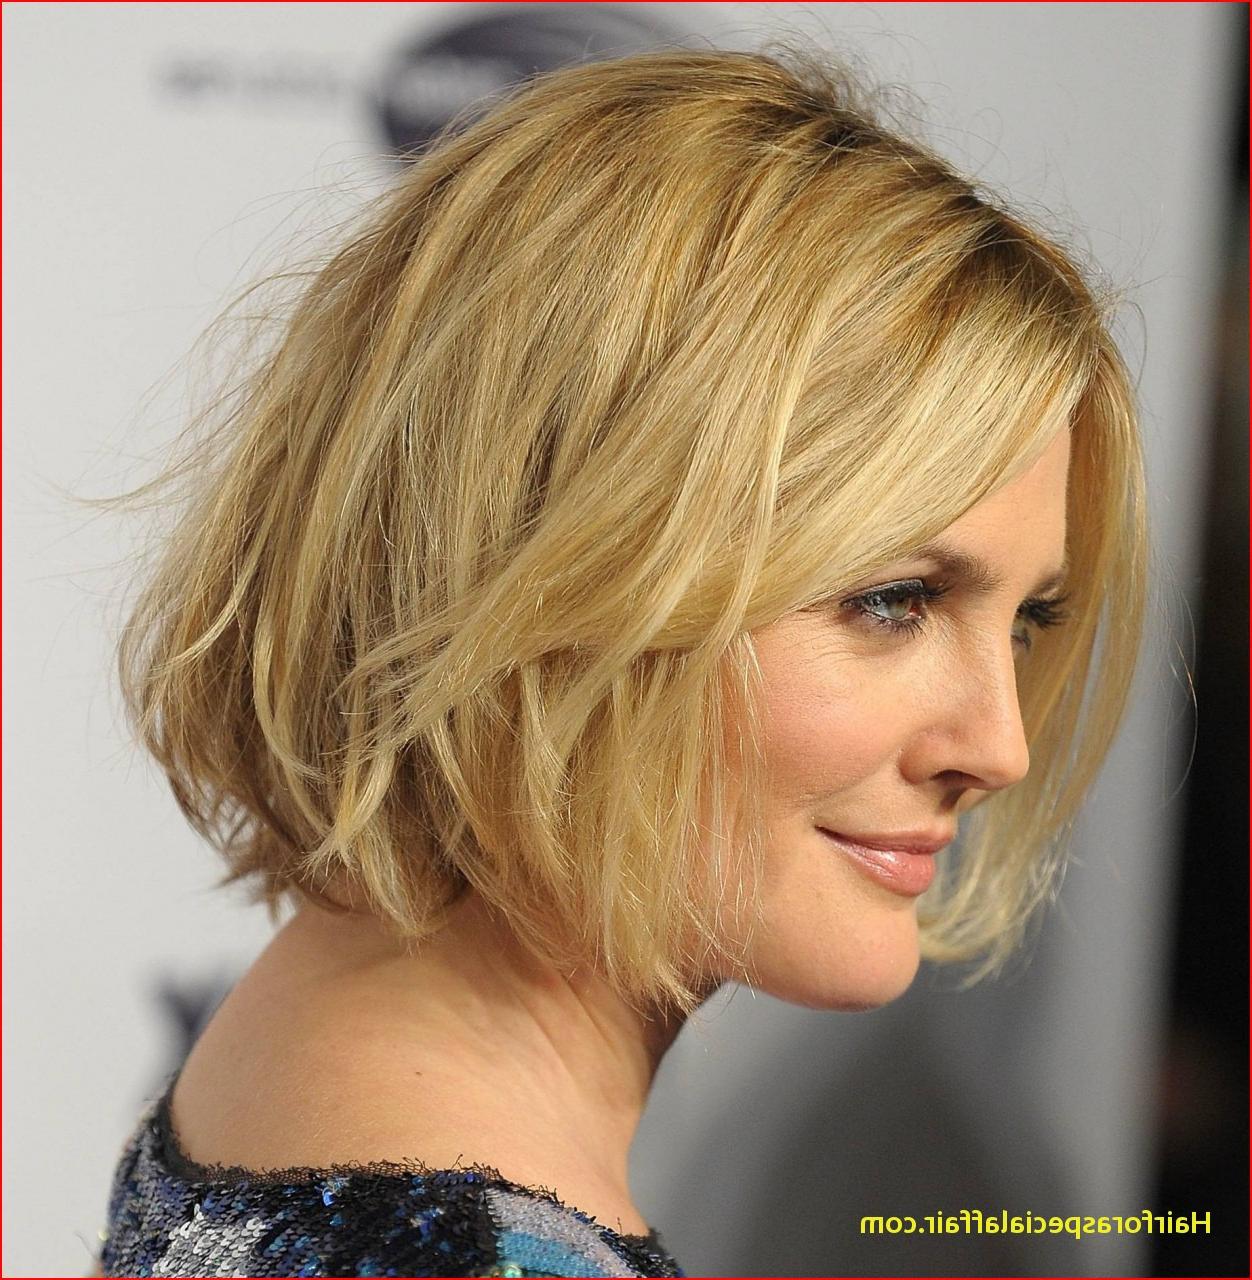 70 Easy Care Short Hairstyles Elegant 10 Best Cute Hairstyles For With Easy Care Short Haircuts (Gallery 19 of 25)